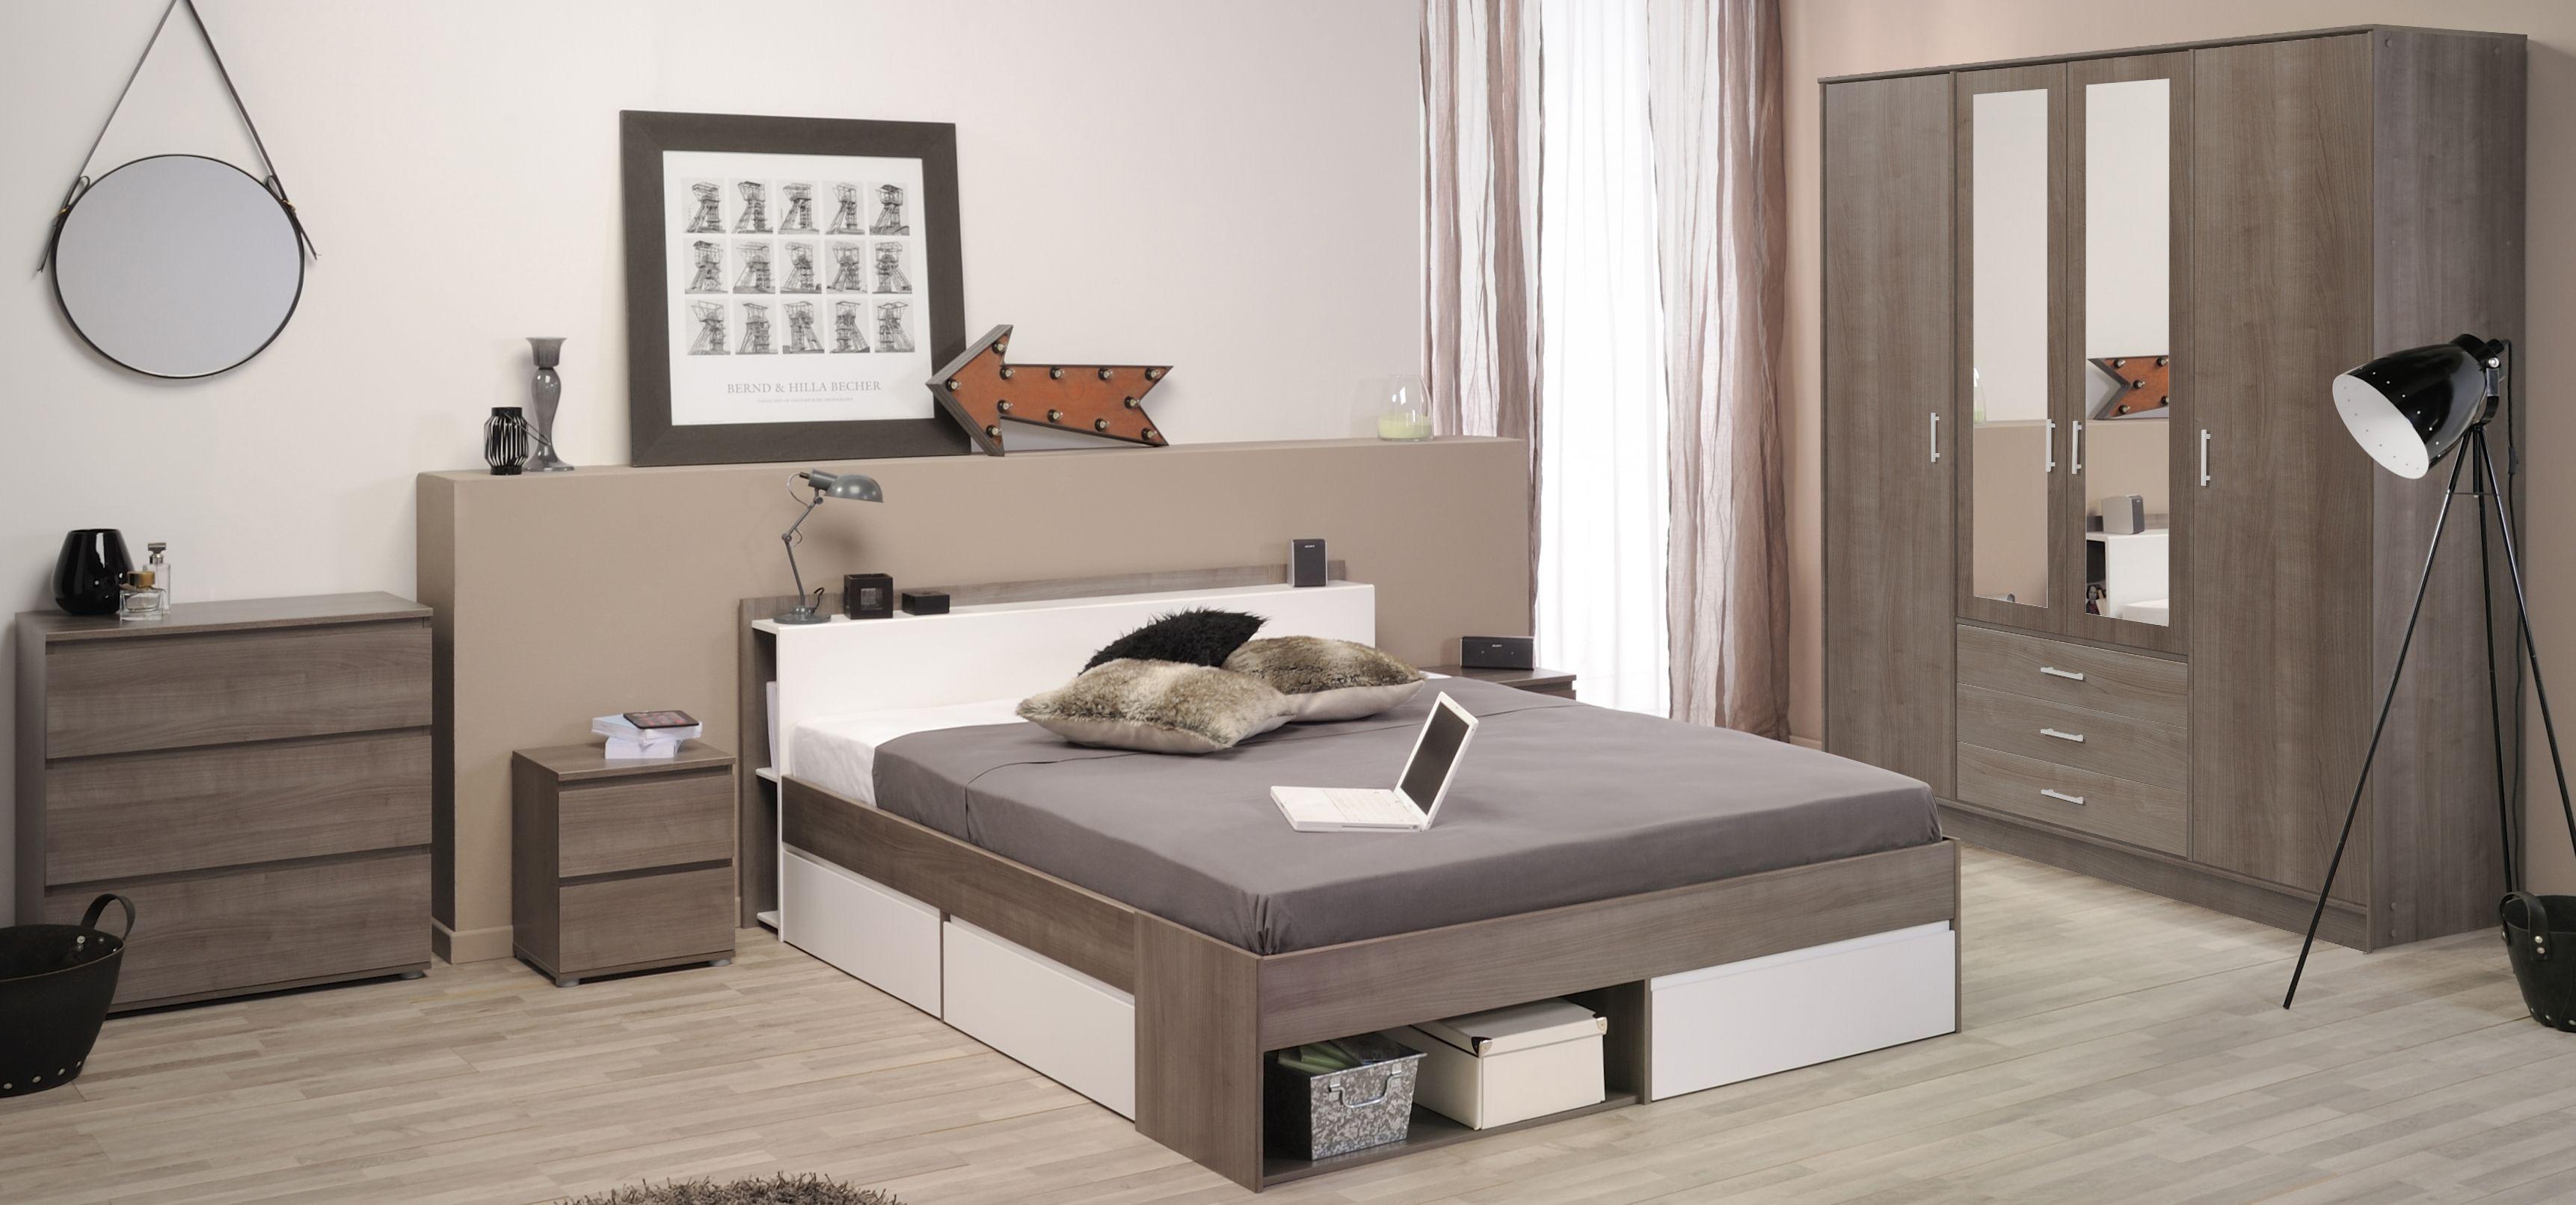 Schlafzimmer Mit Bett 140 X 200 Cm Eiche Silber/ Weiss Woody 167 00570 Holz